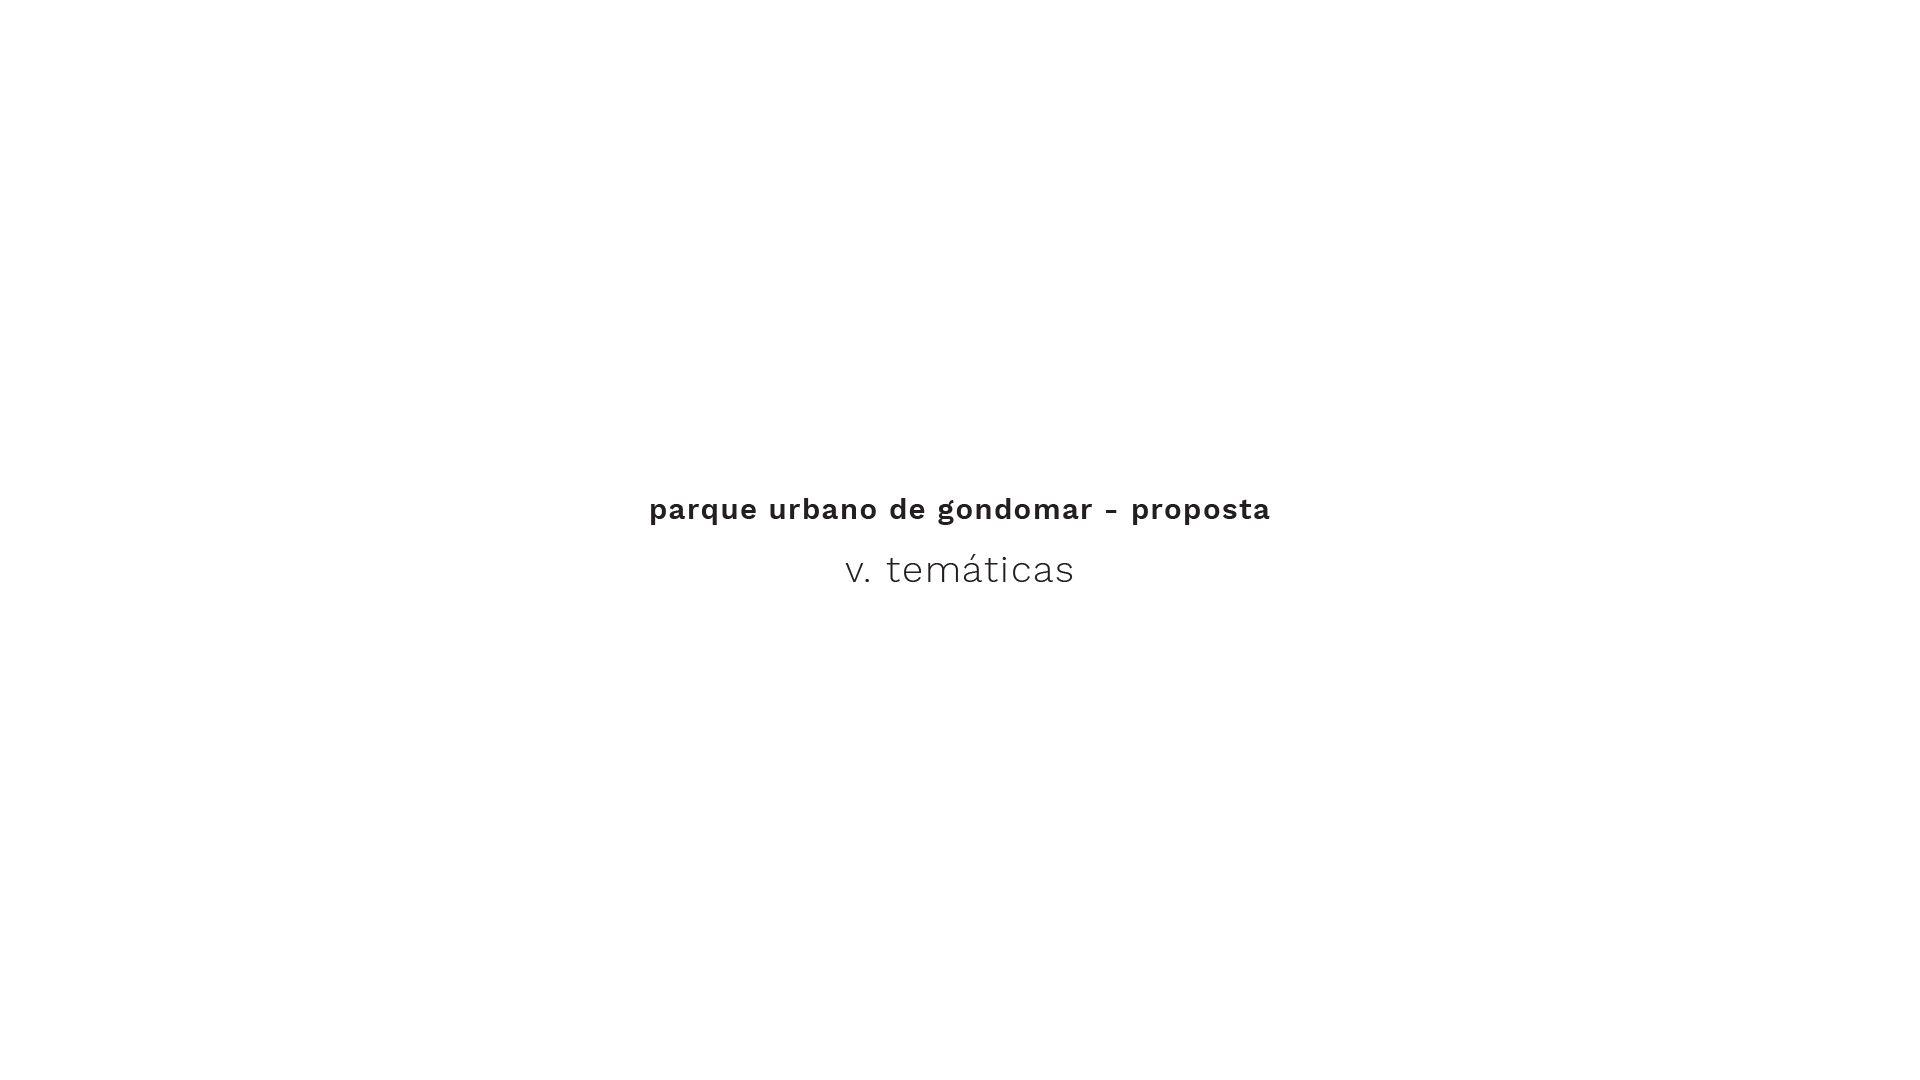 PARQUE URBANO GONDOMAR scheme